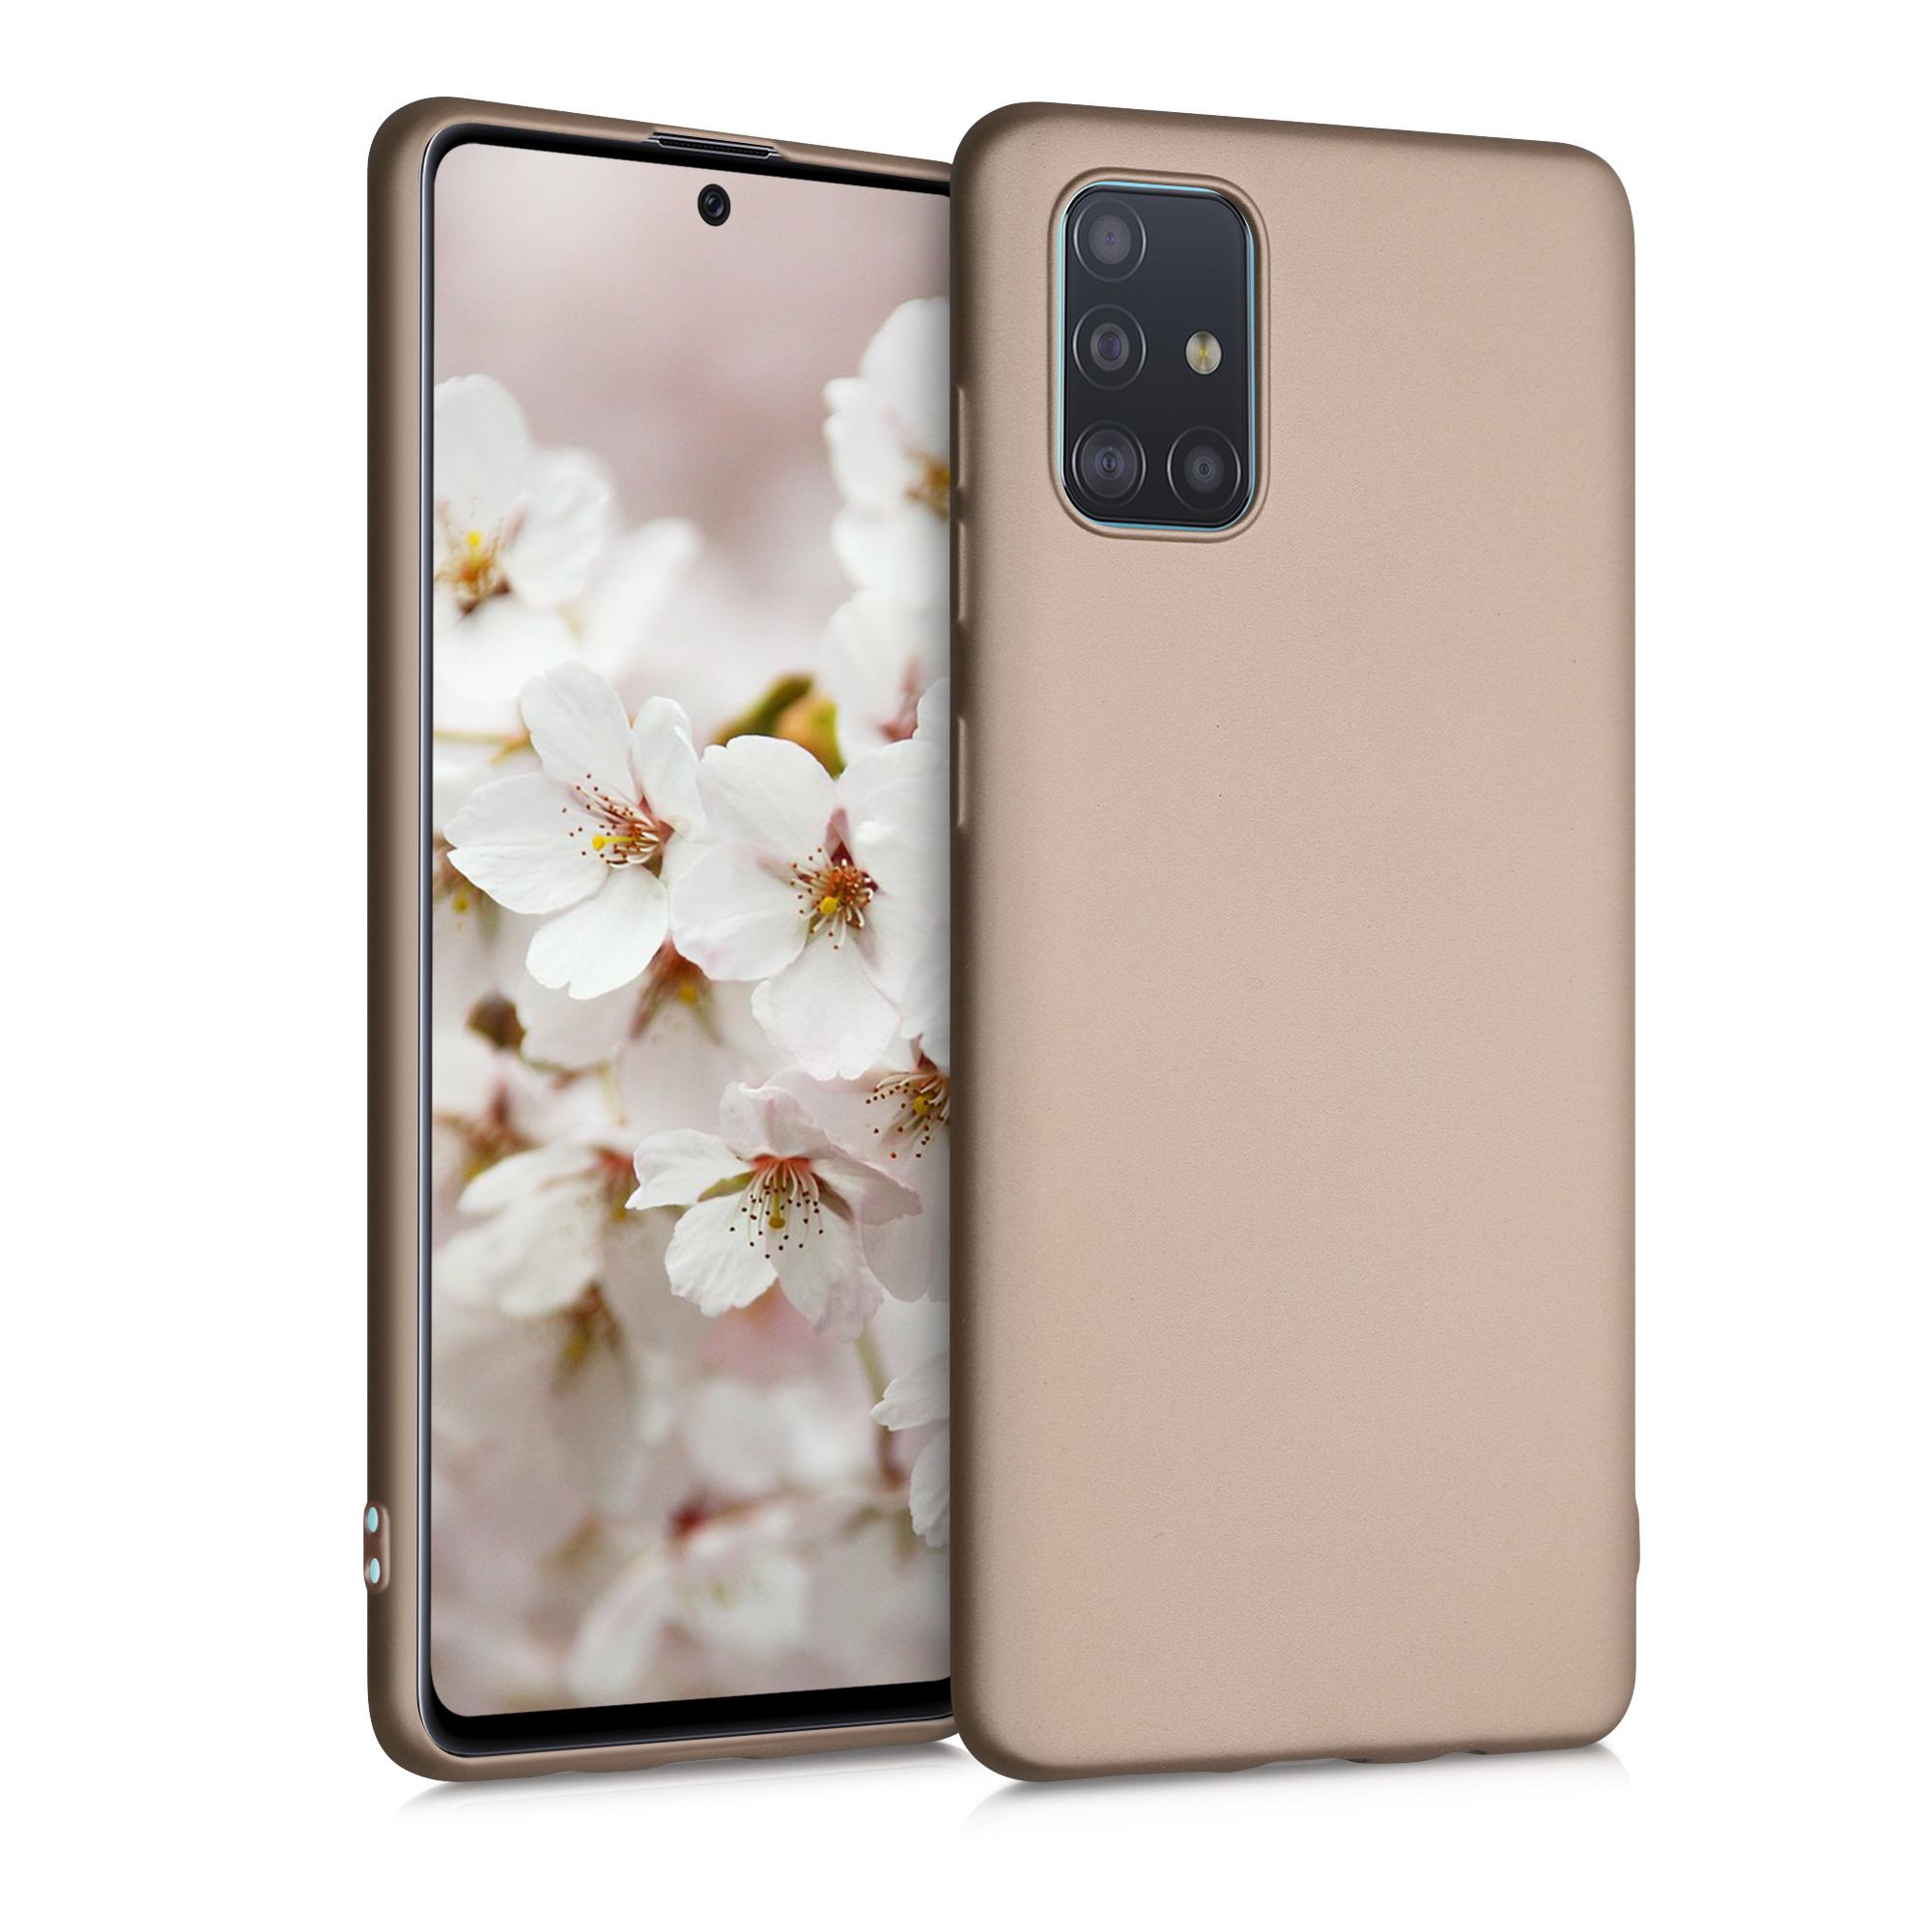 Kvalitní silikonové TPU pouzdro pro Samsung A71 - Metallic Gold